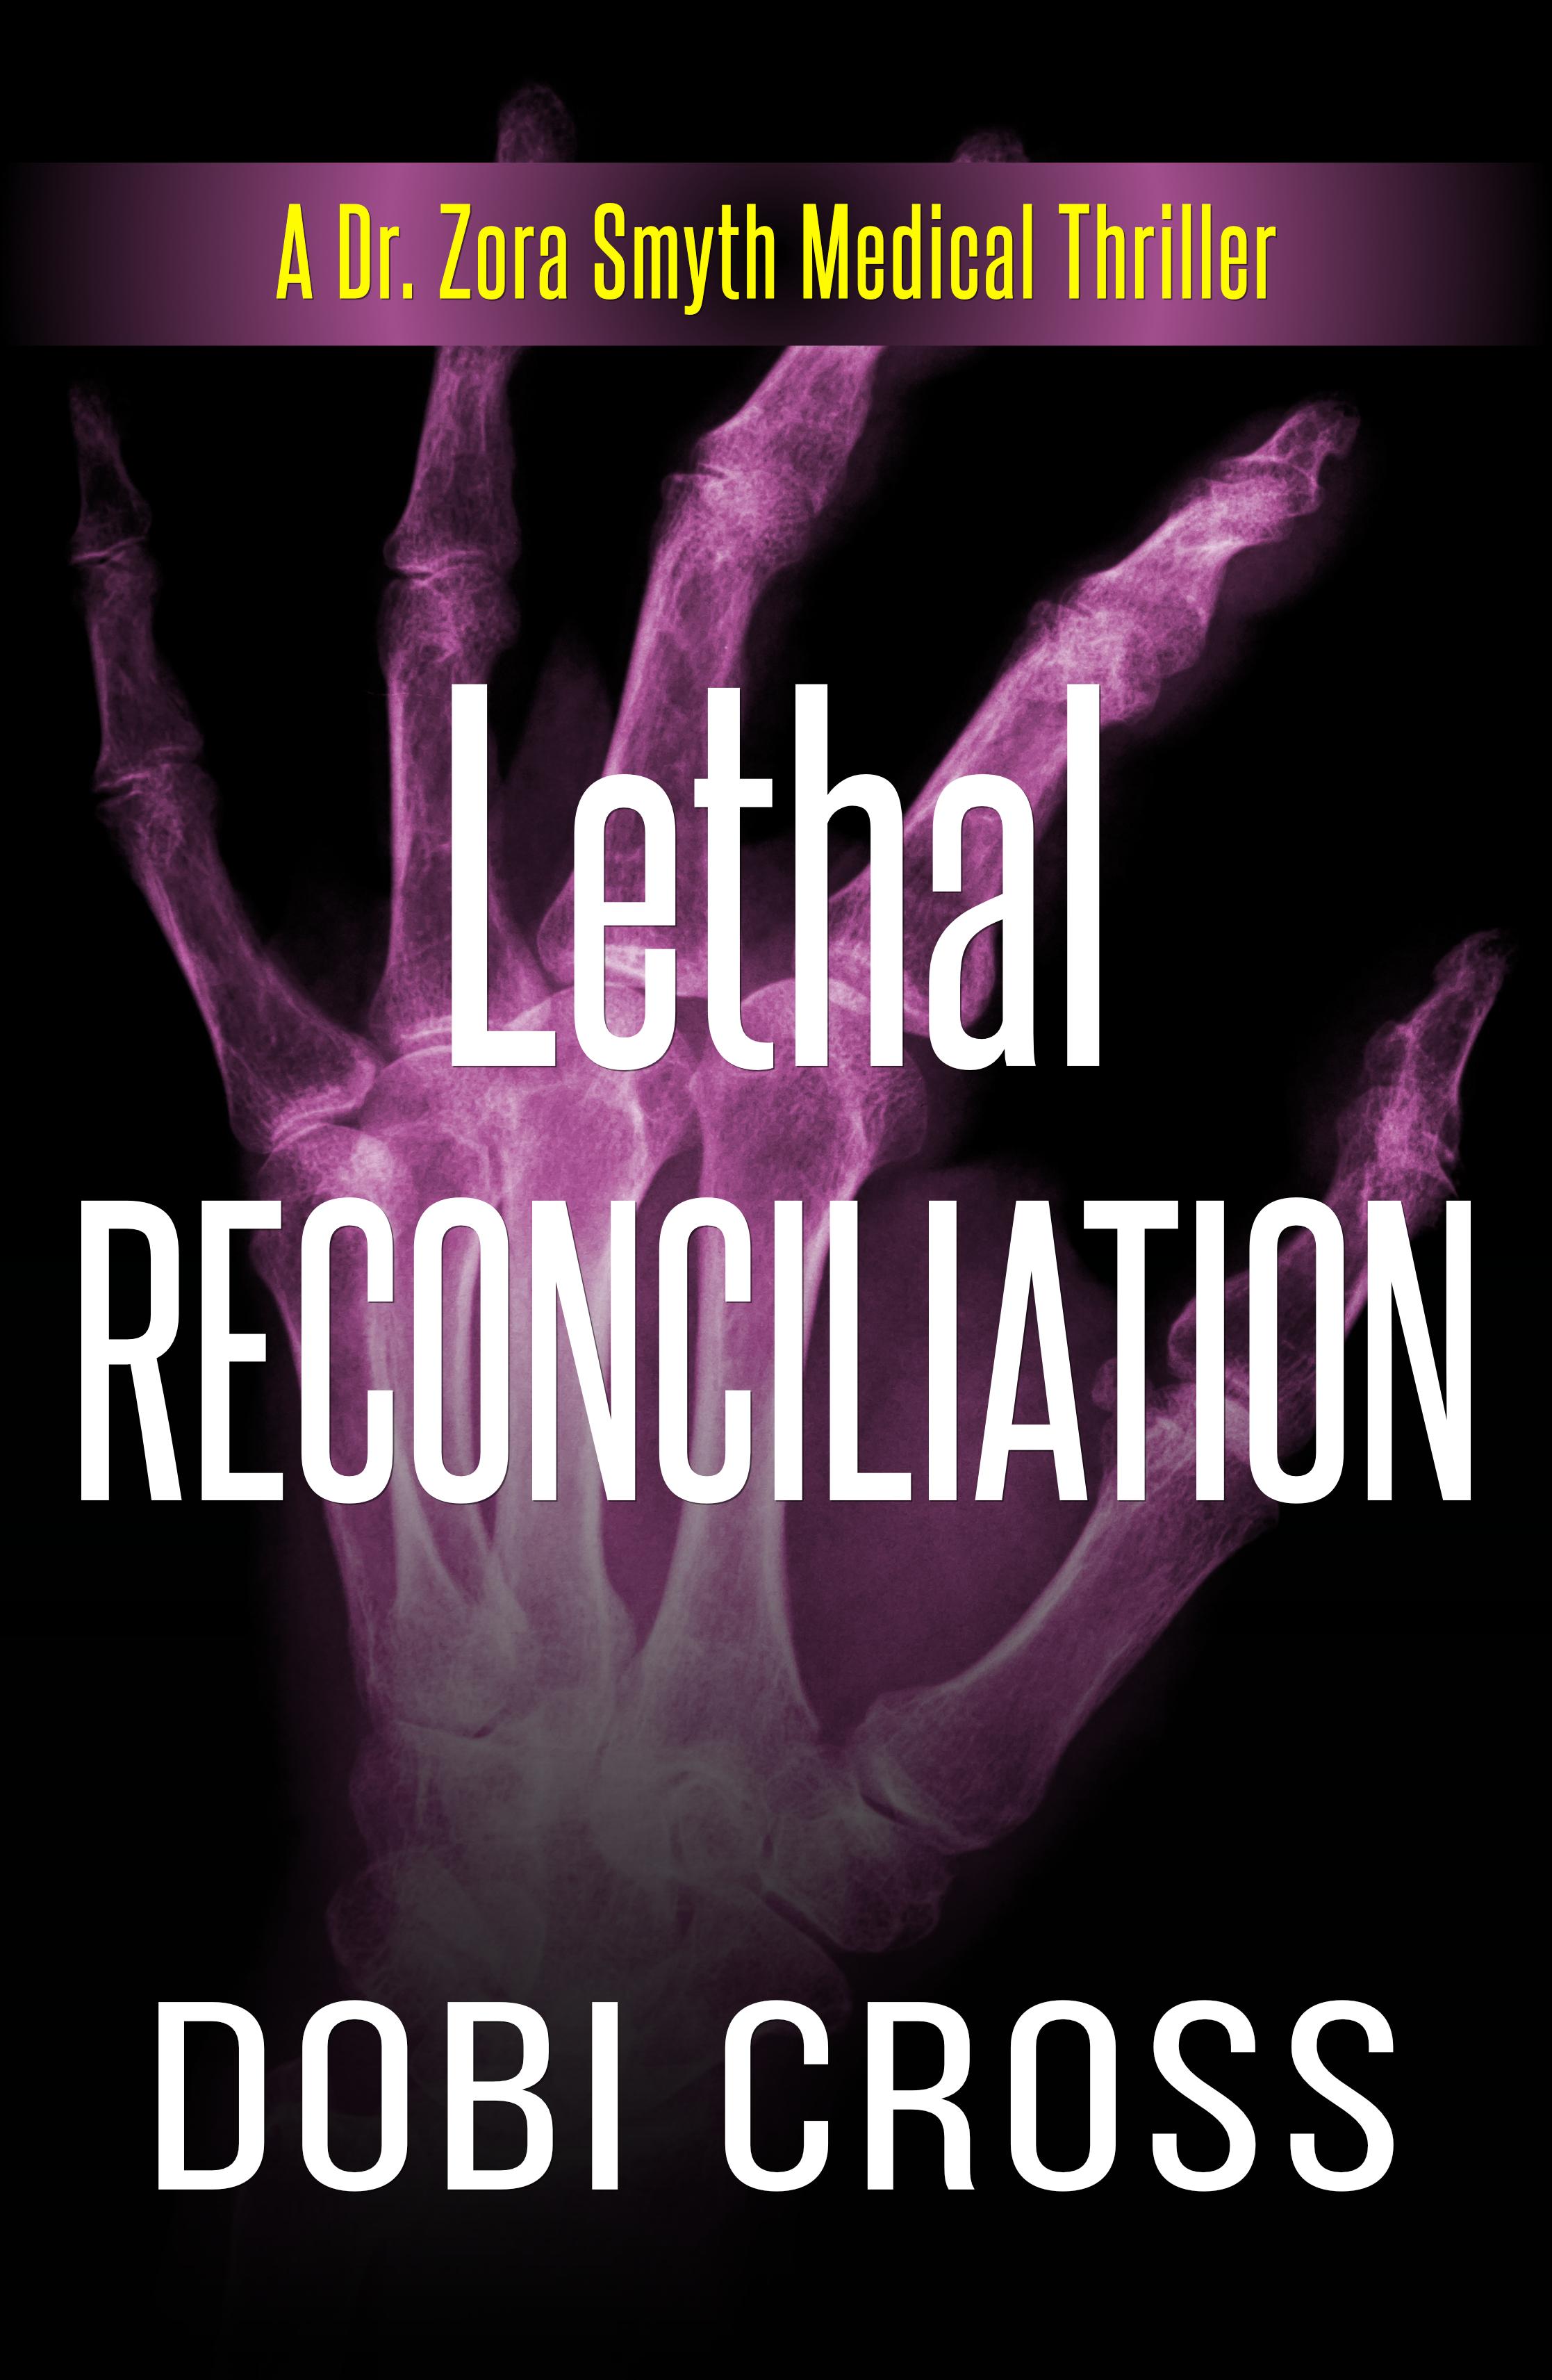 Lethal Reconciliation (Dr. Zora Smyth Medical Thriller #4)